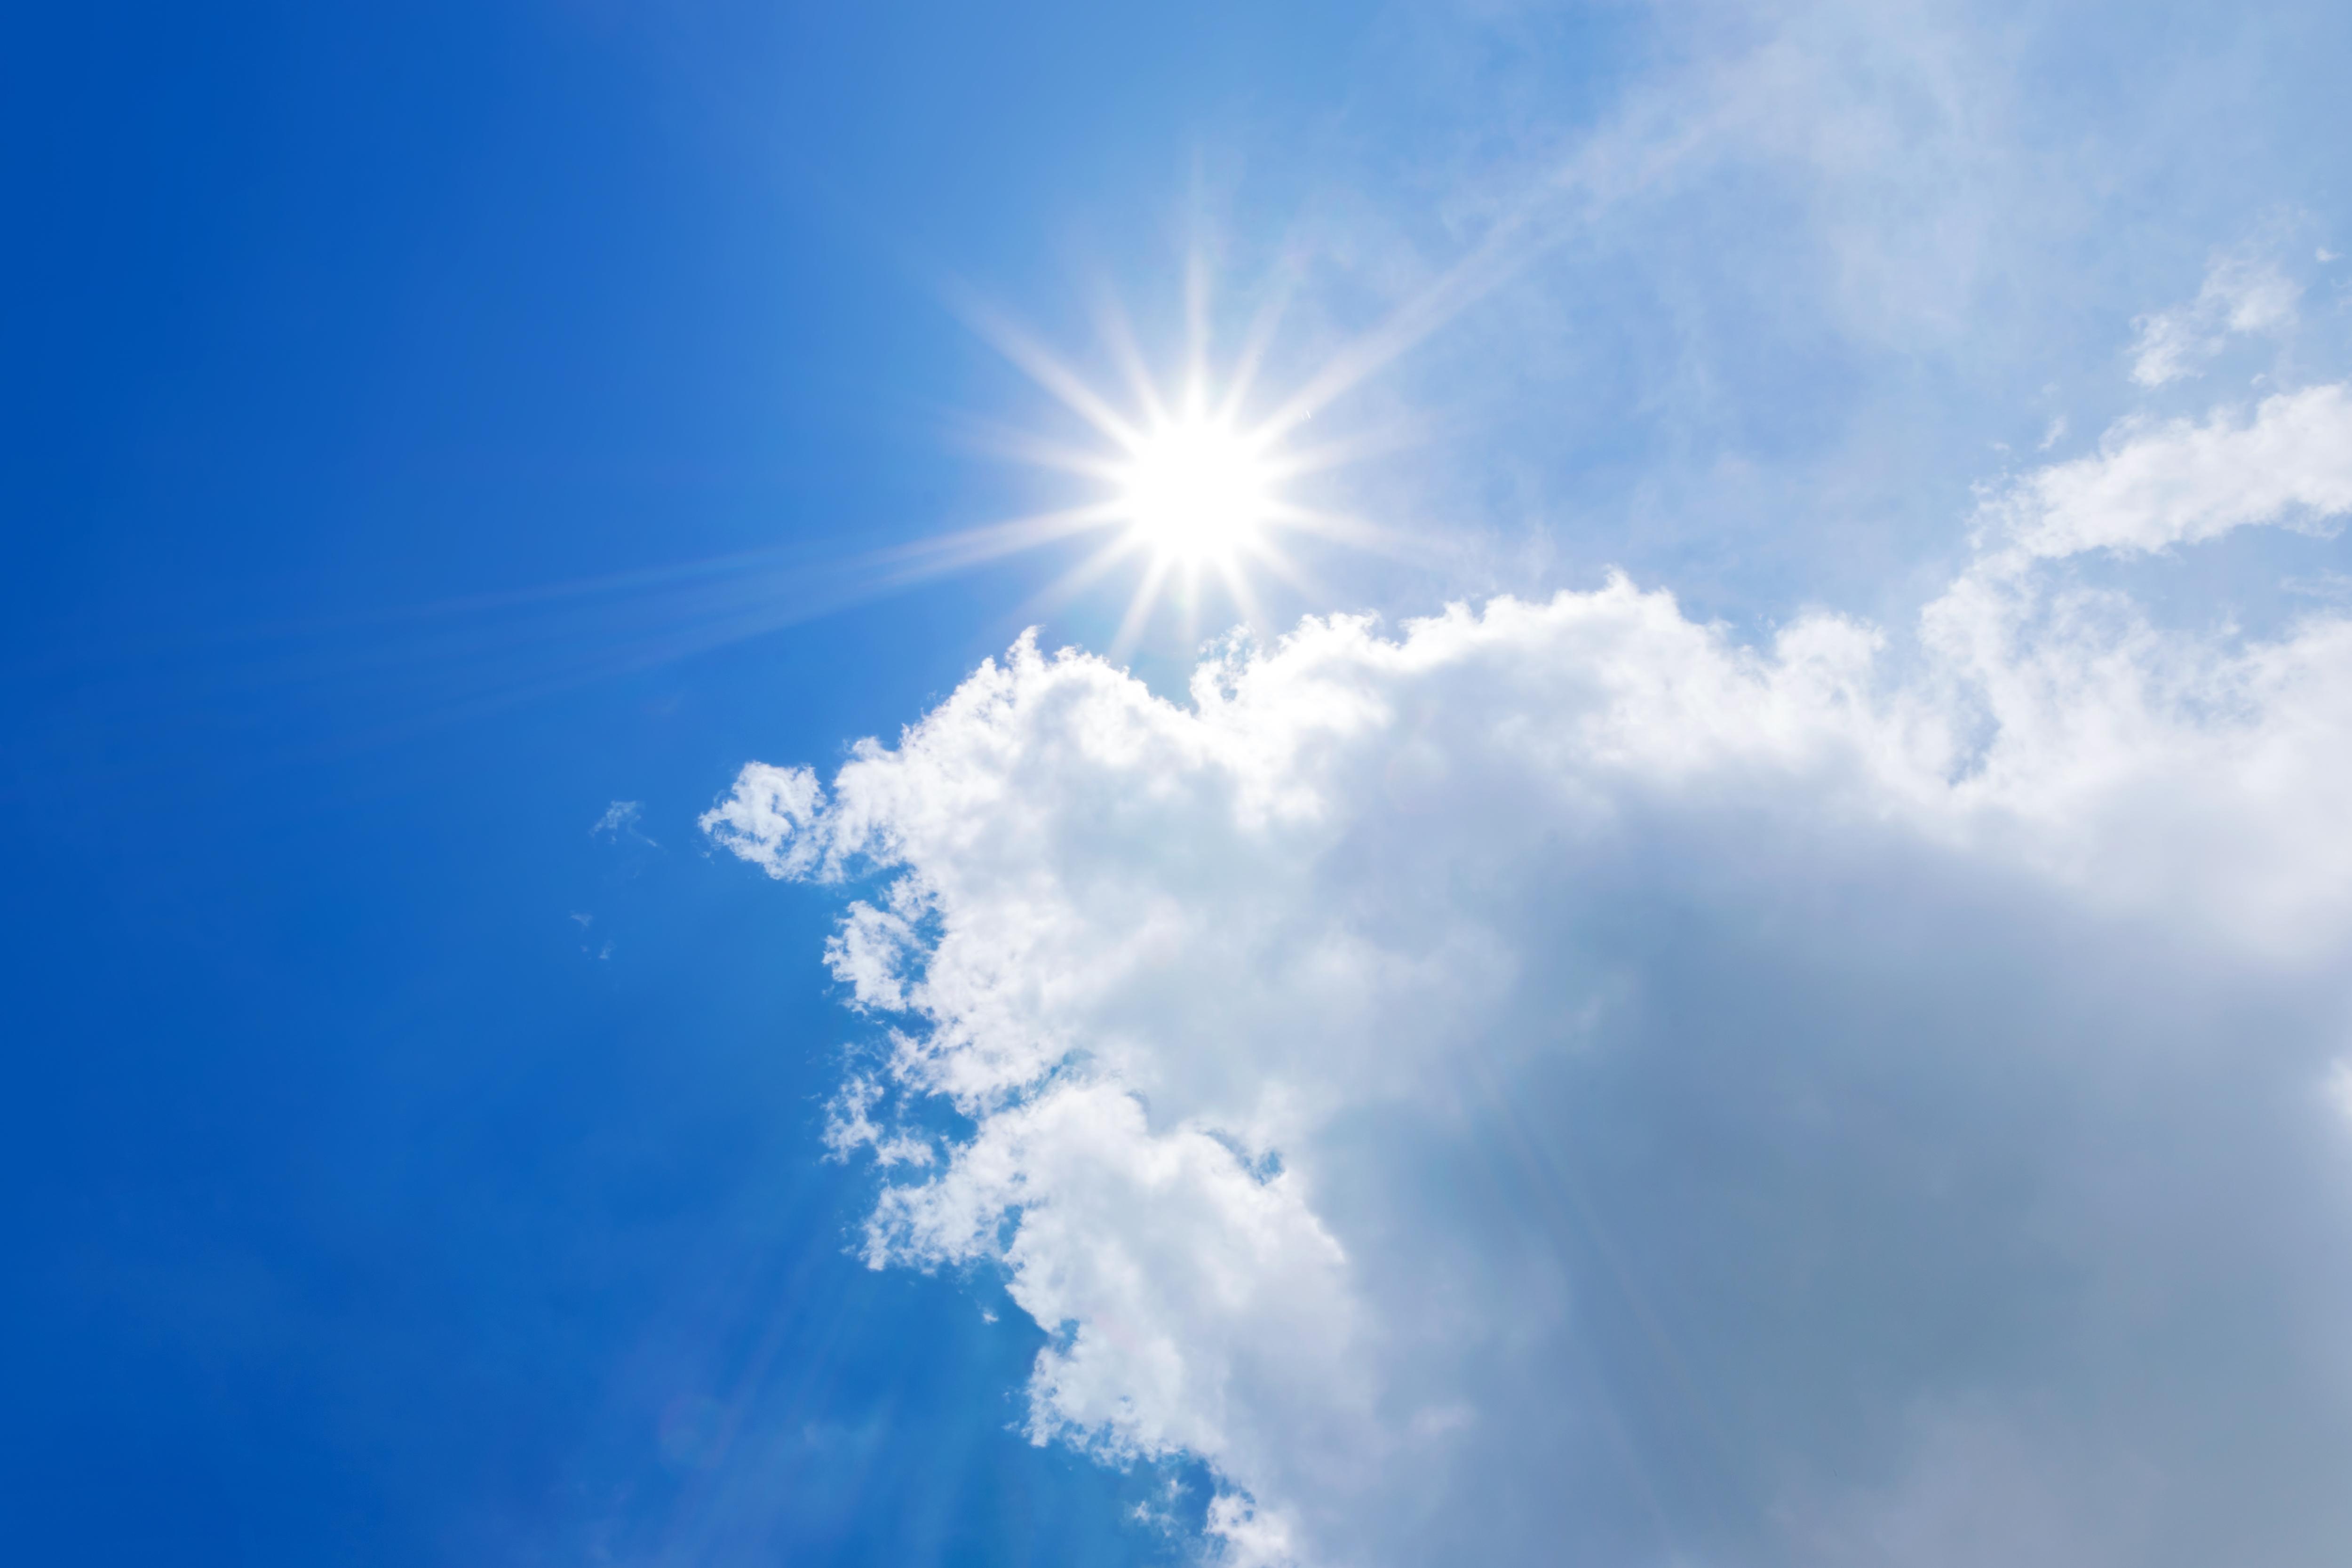 The sun uv light sunlight institute for The sunhouse